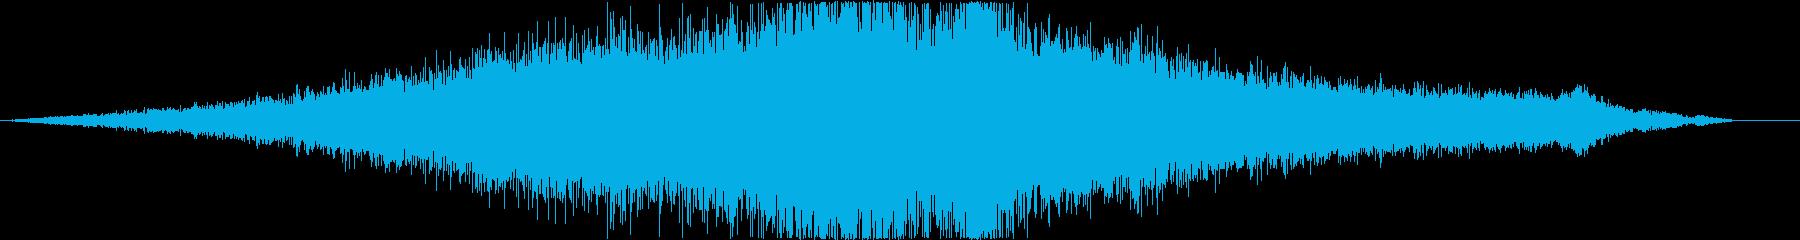 ブルドーザー;で、によって;ブルド...の再生済みの波形